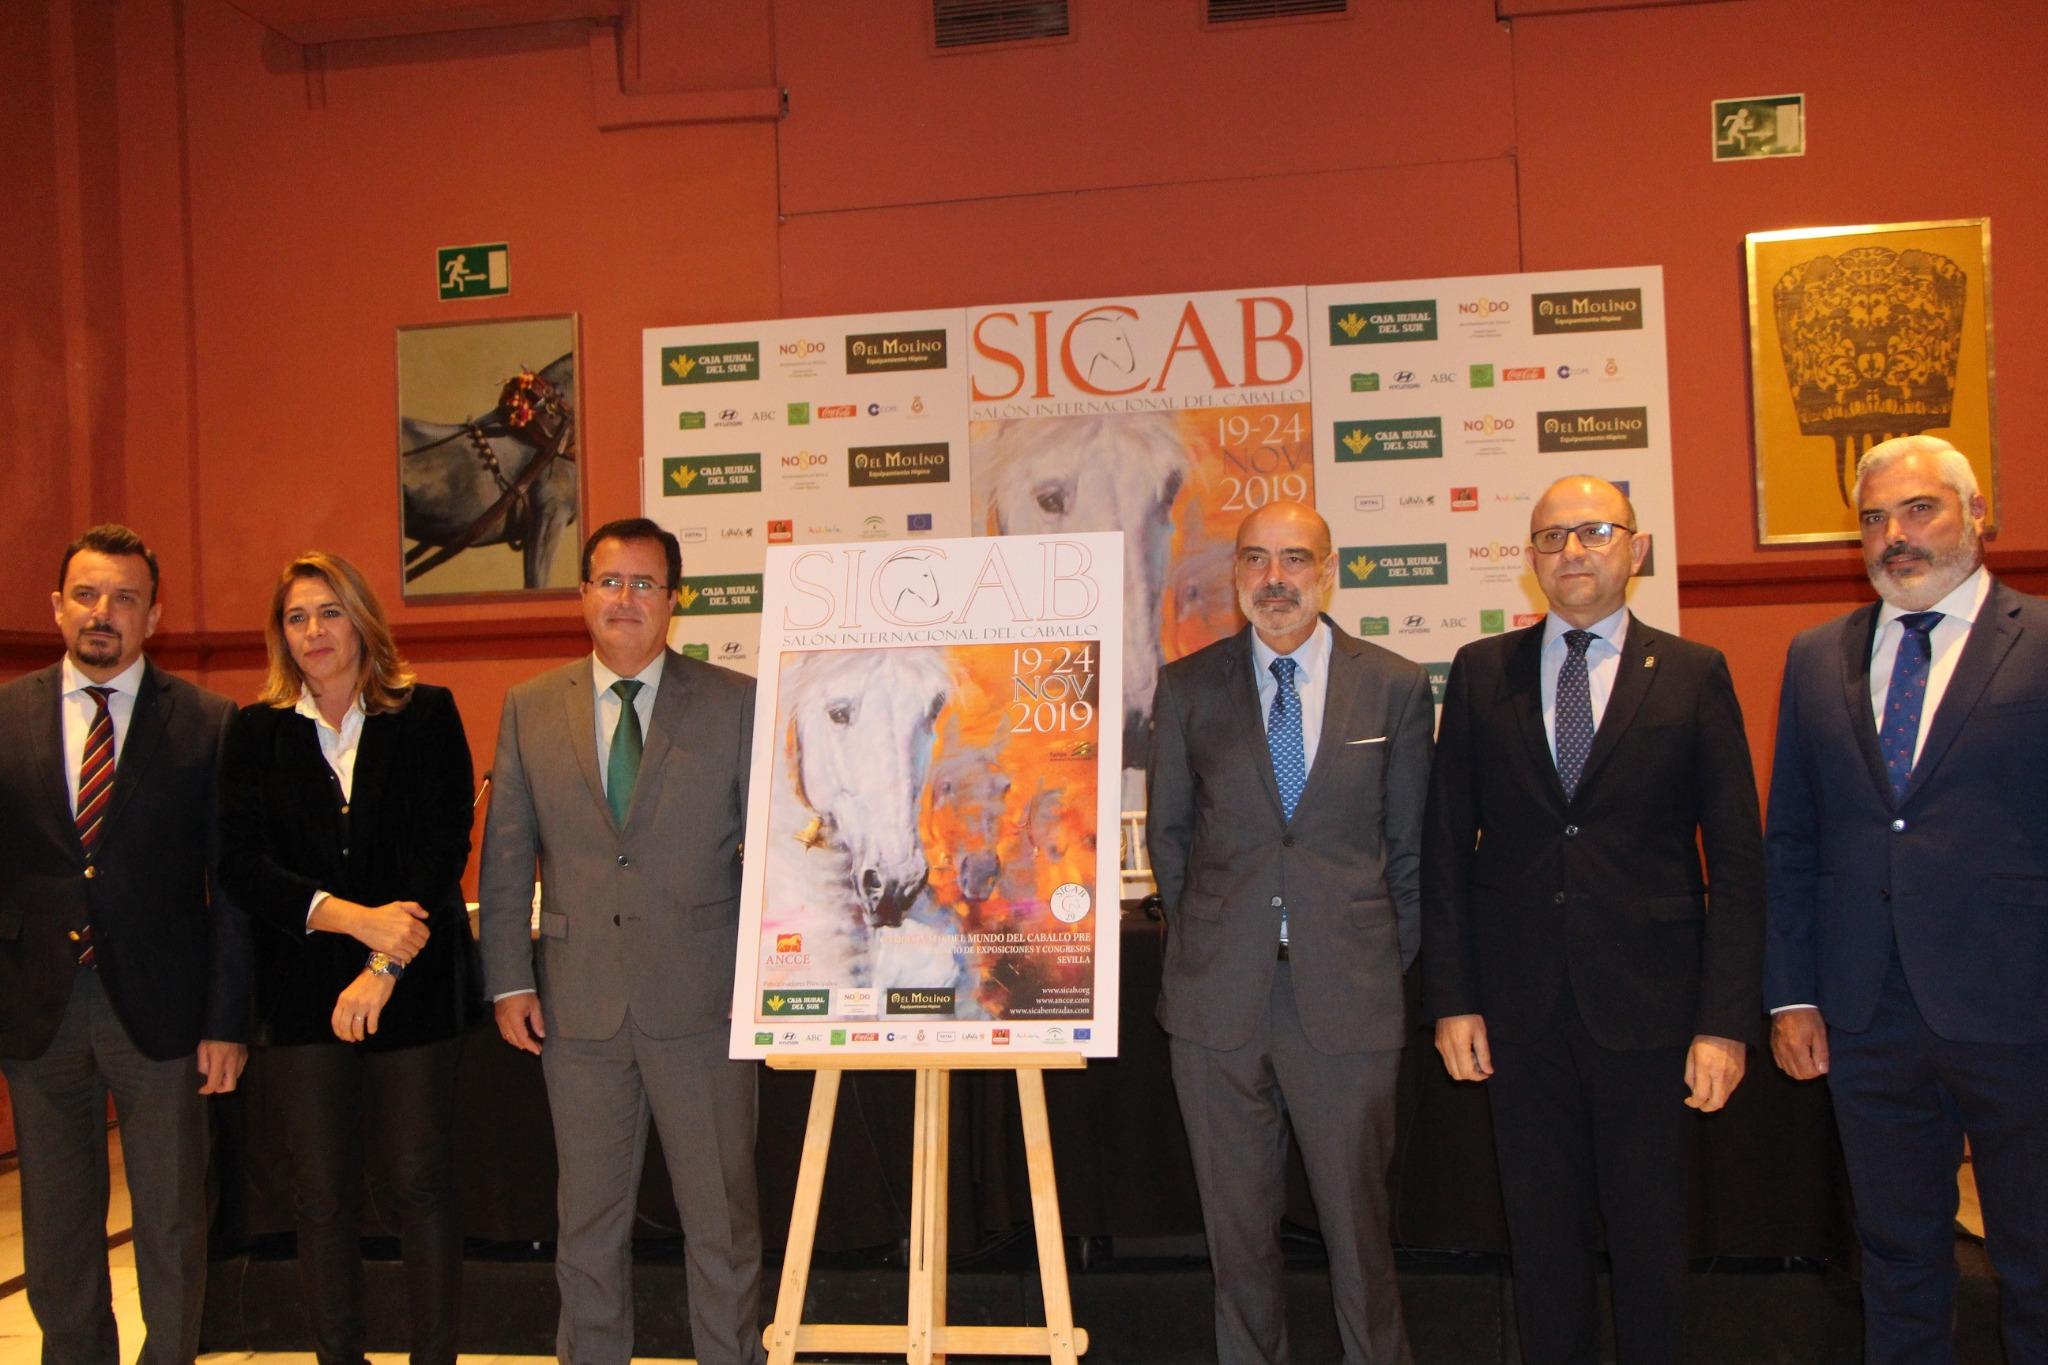 SICAB, elegido entre más de 30 eventos para la implantación de la primera red 5G comercial